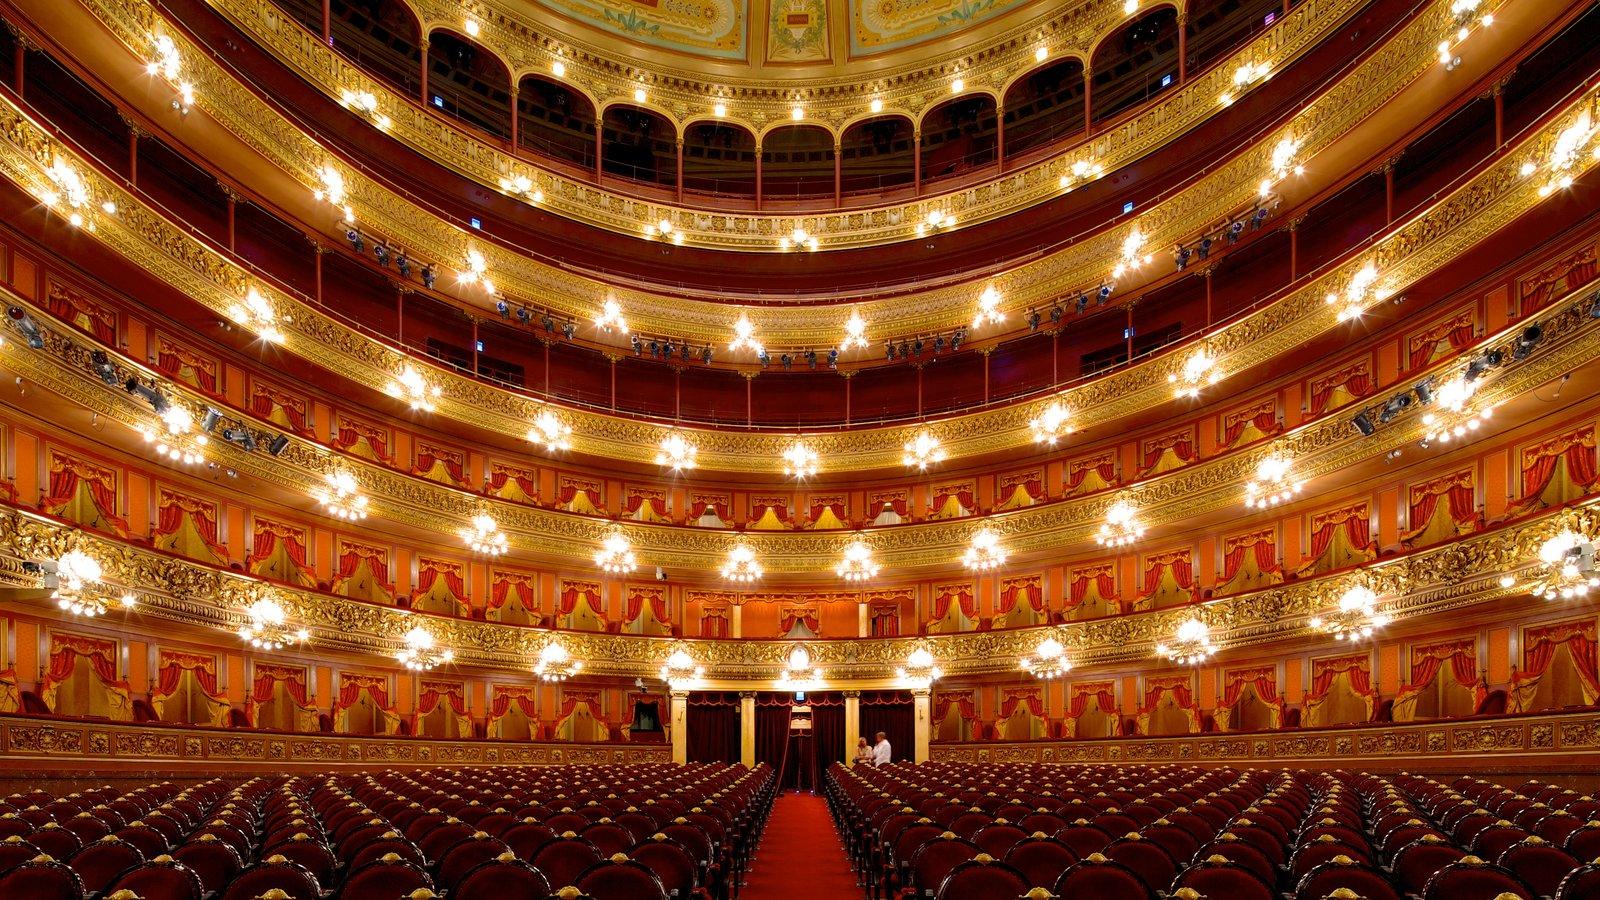 Teatro Colón inclusief theaters en interieur